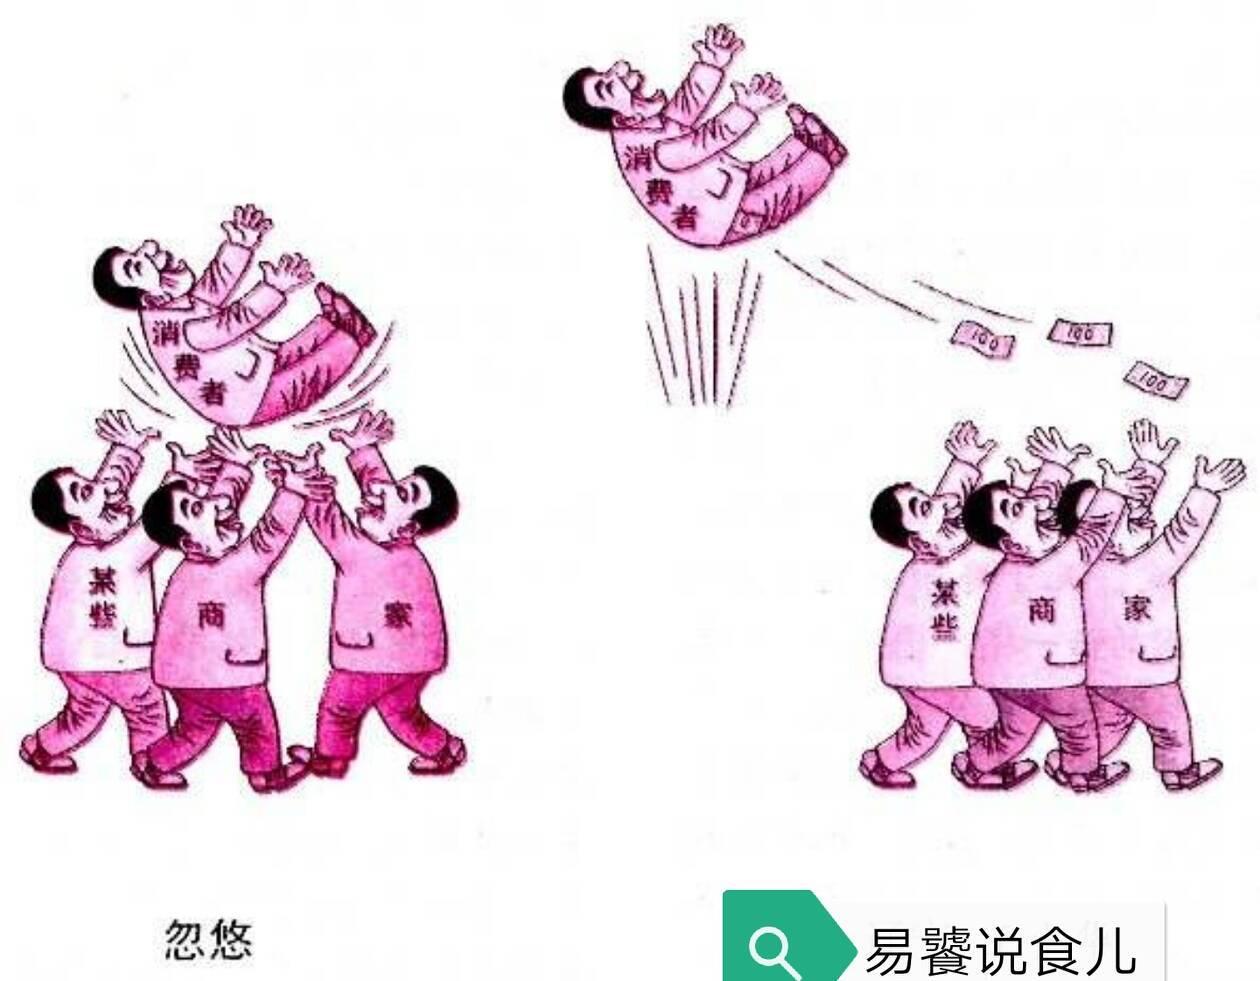 """冒充国务院参事的假将军""""上官凤笠""""一审被判5年_南方plus_南方+"""